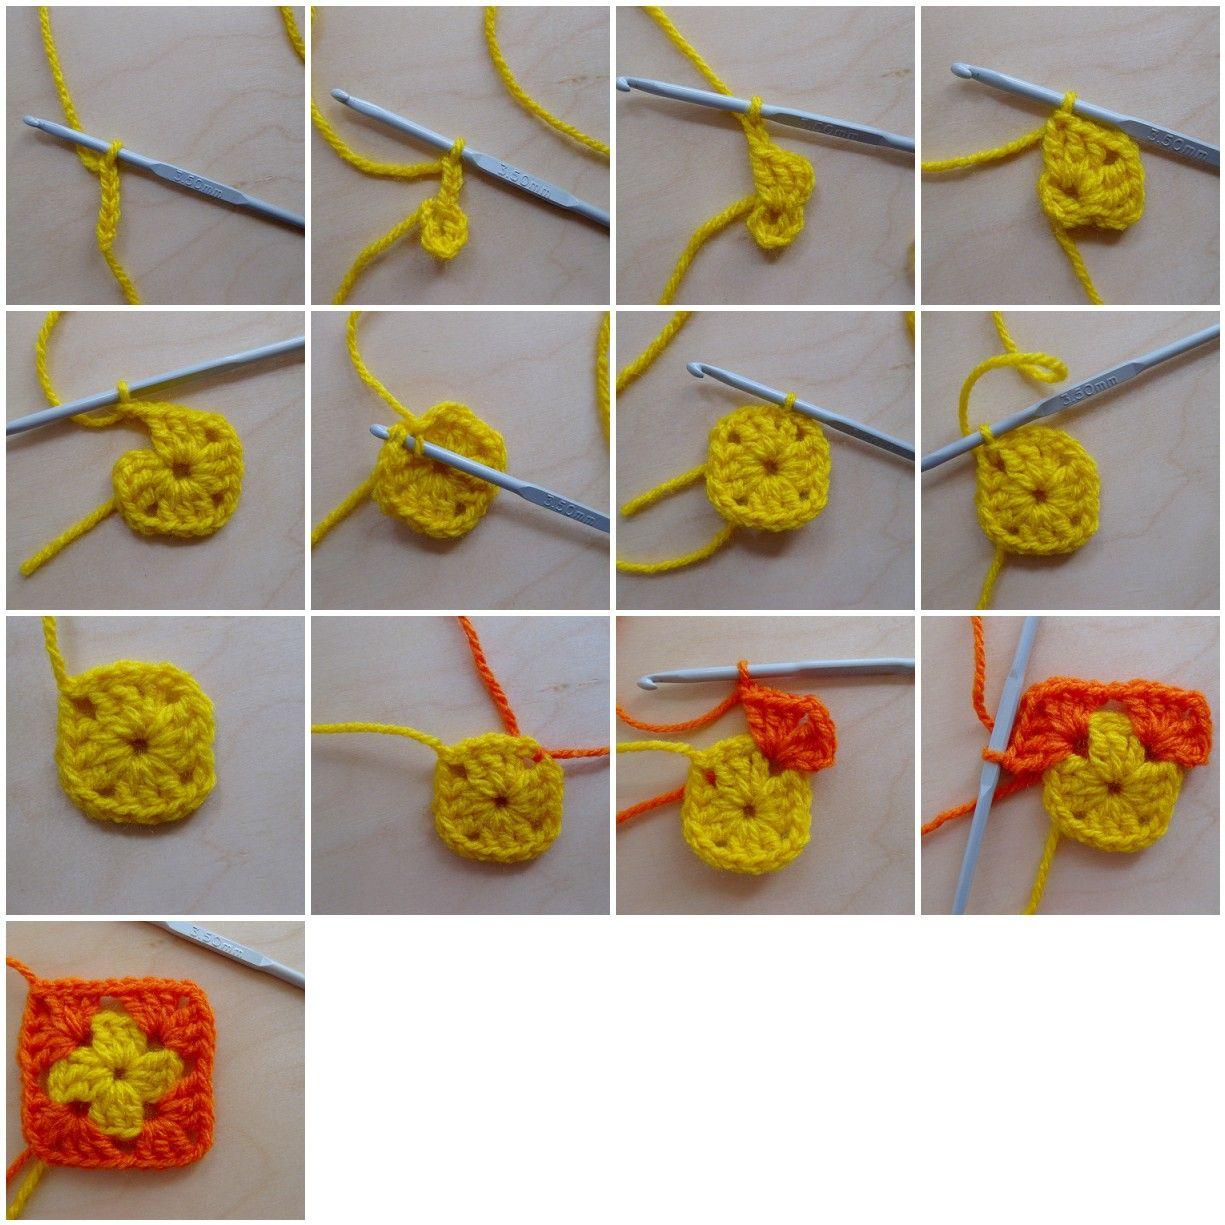 How To Make A Granny Square Granny Square Crochet Patterns Free Granny Square Granny Square Crochet